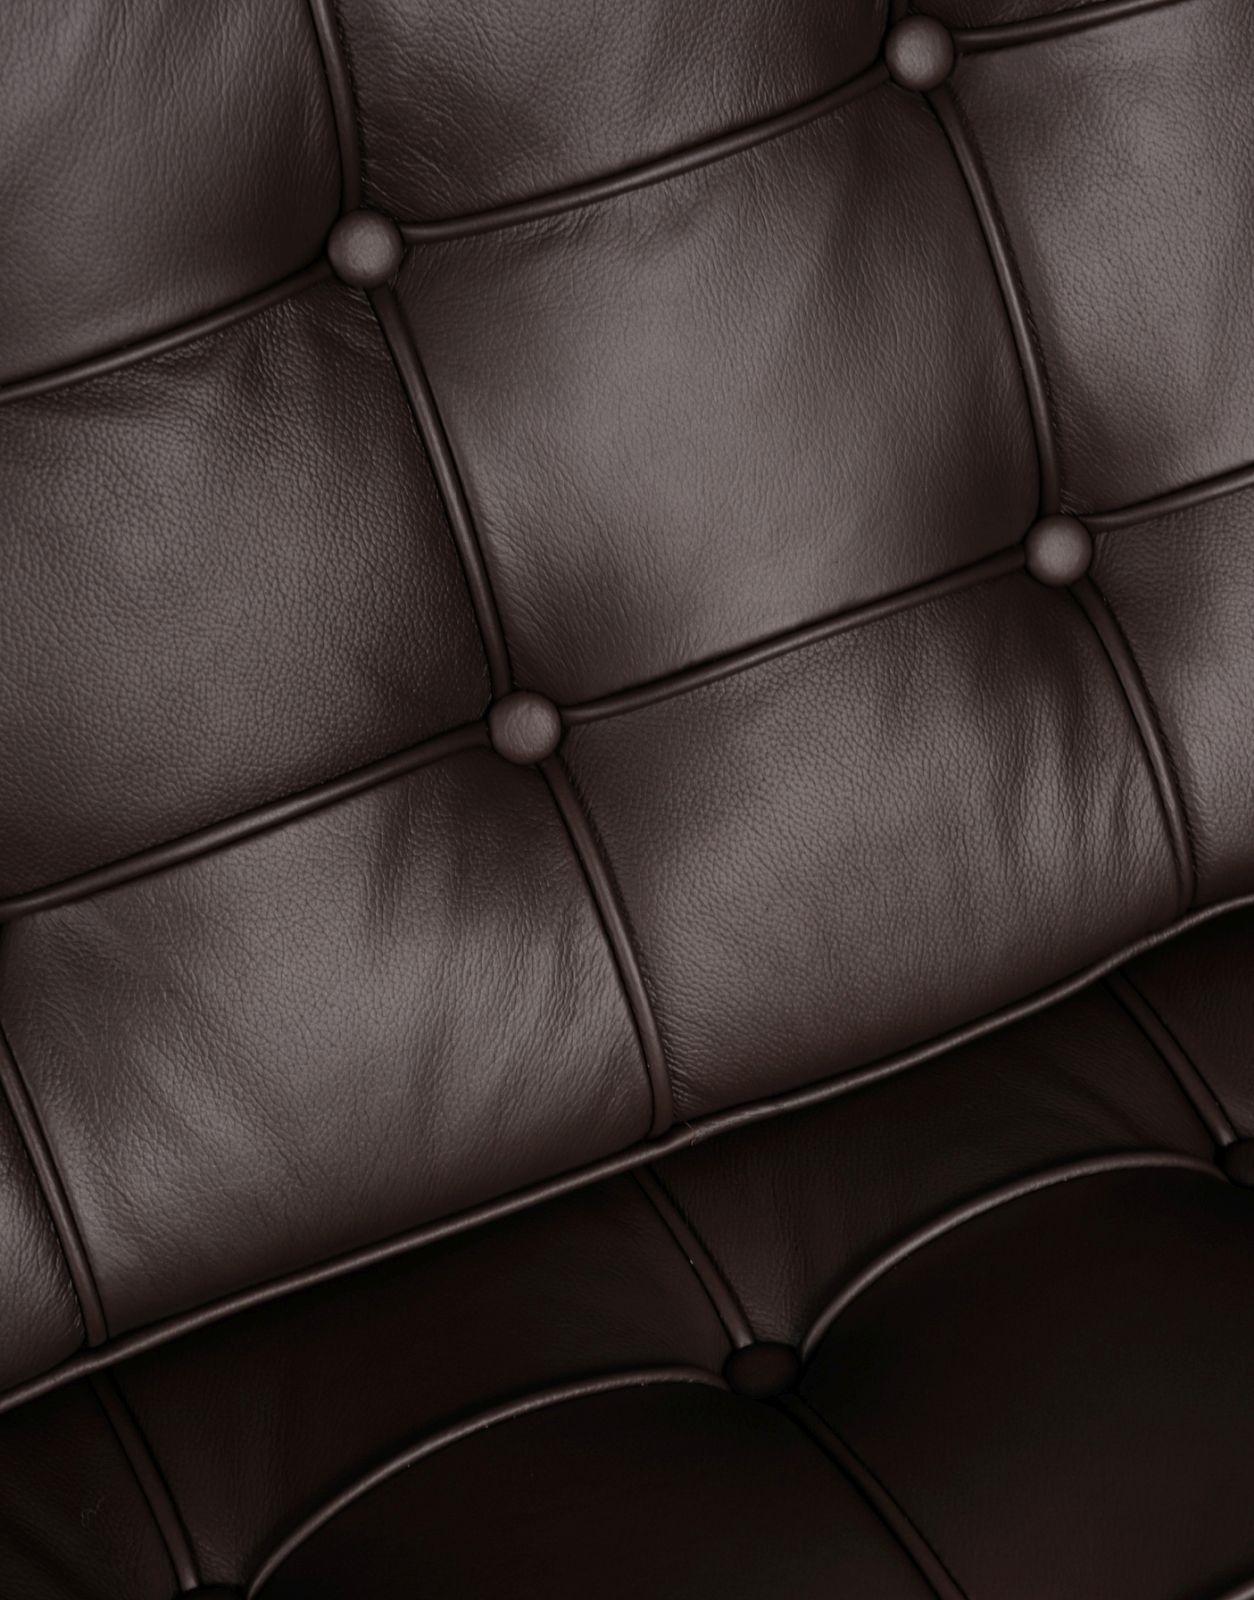 Sofa BA2 2 osobowa, brązowa skóra naturalna - zdjęcie nr 1